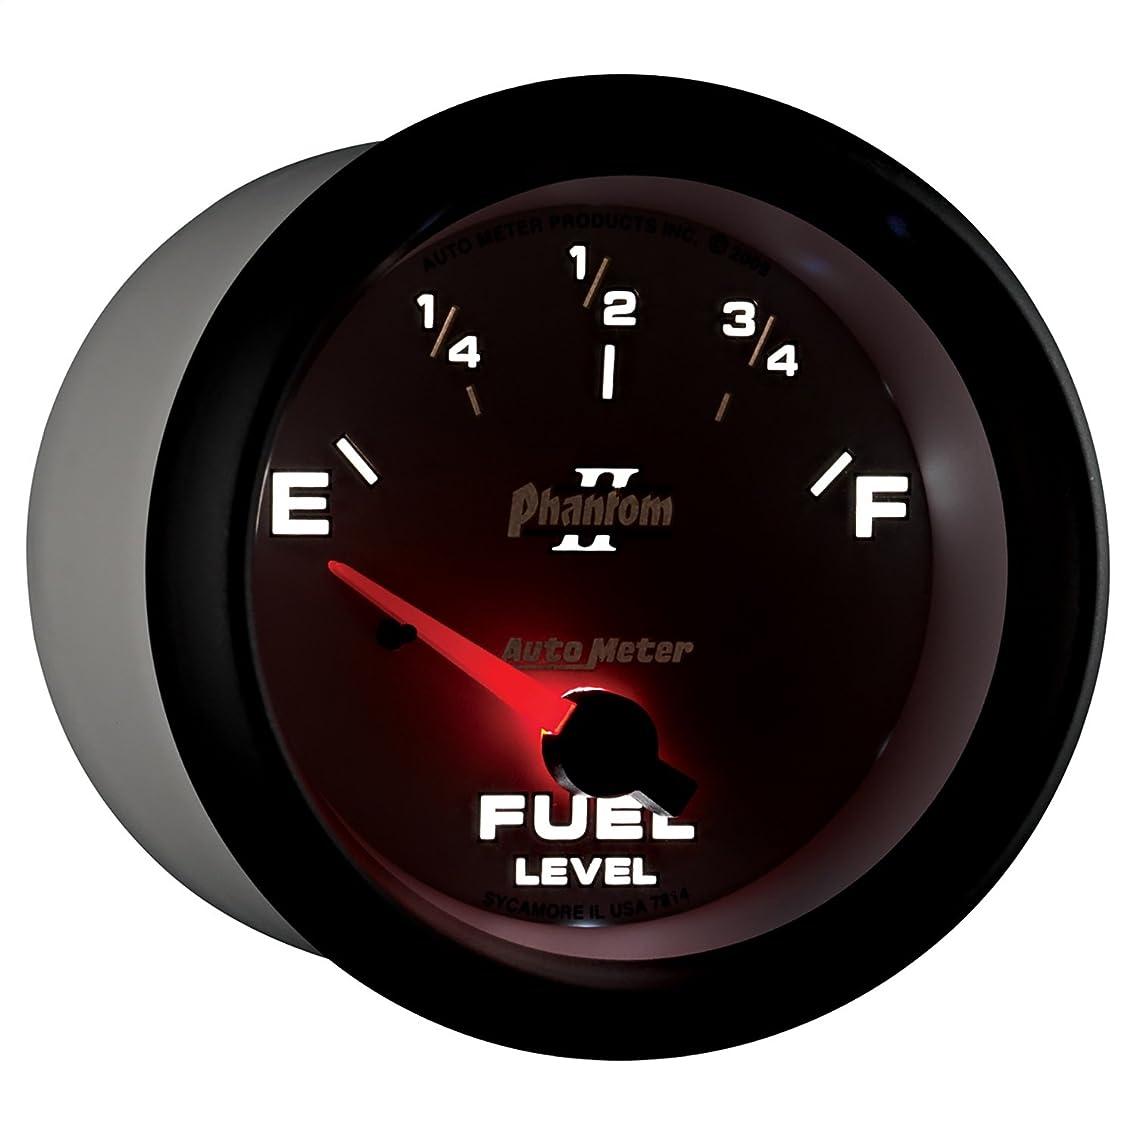 Auto Meter 7814 Phantom II Electric Fuel Level Gauge